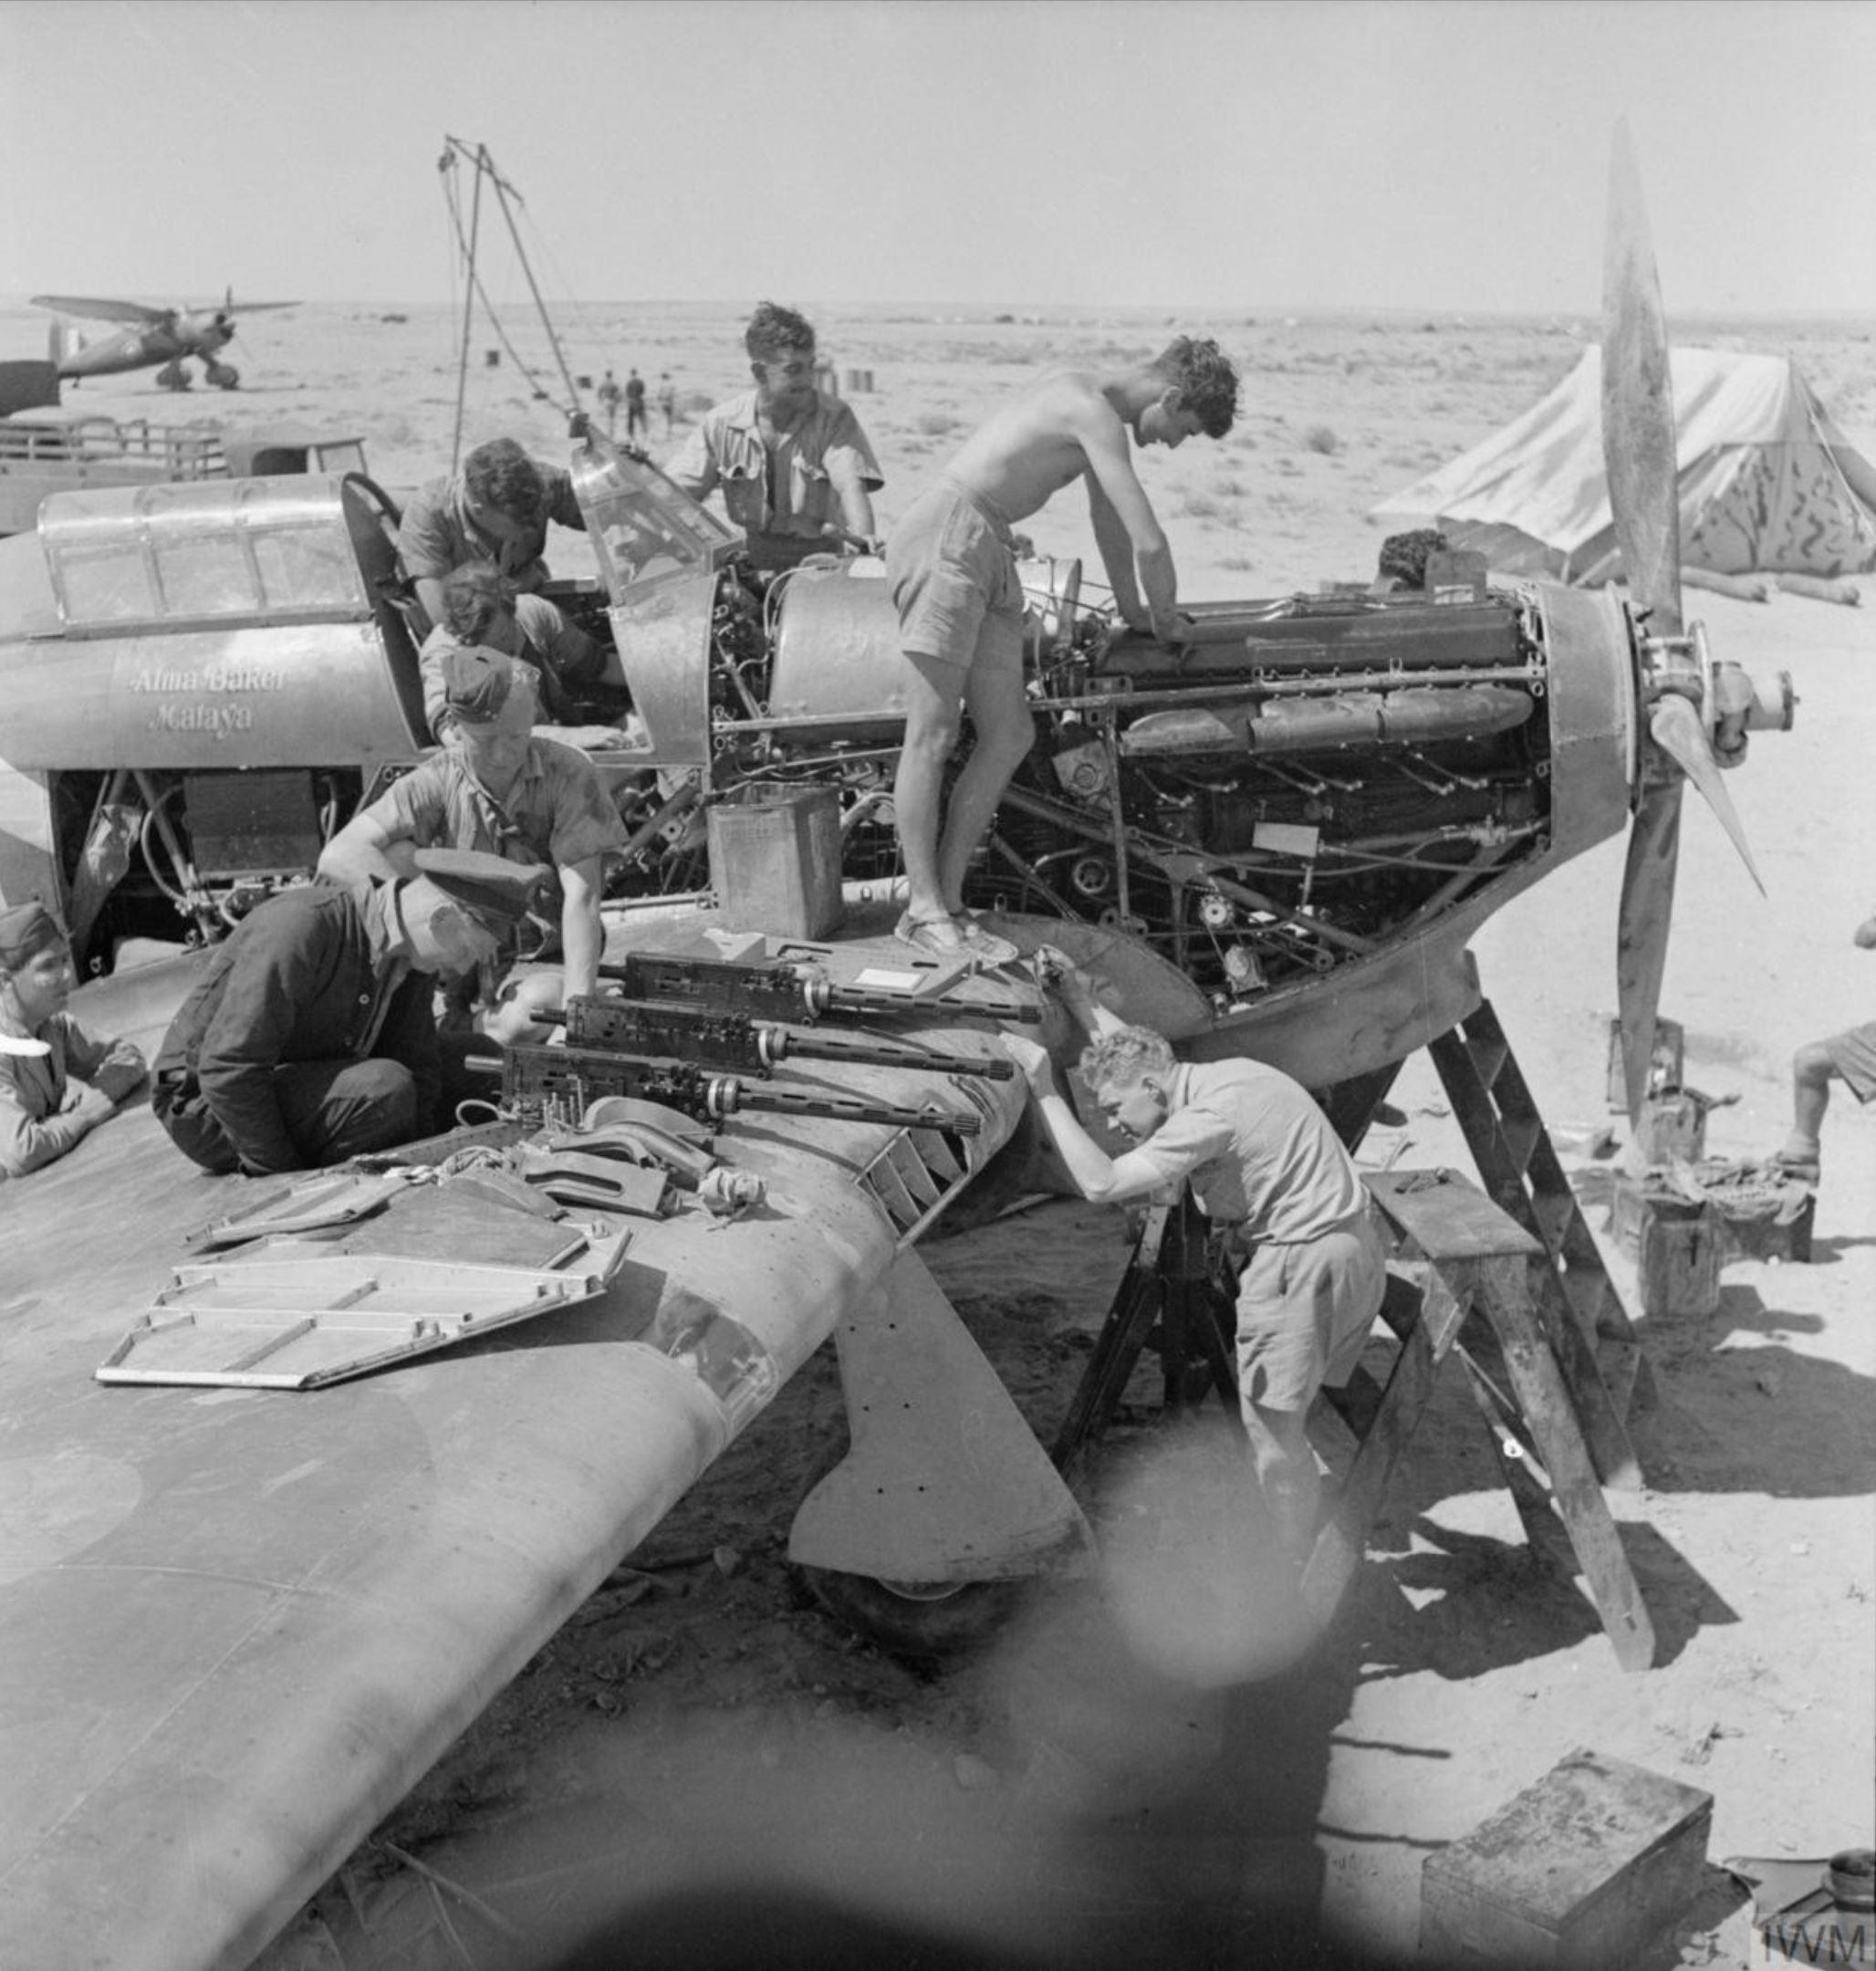 Hurricane I RAF 274Sqn Alma Baker Malaya V7780 at LG10 Gerawala Libya during the defence of Tobruk IWM CM726